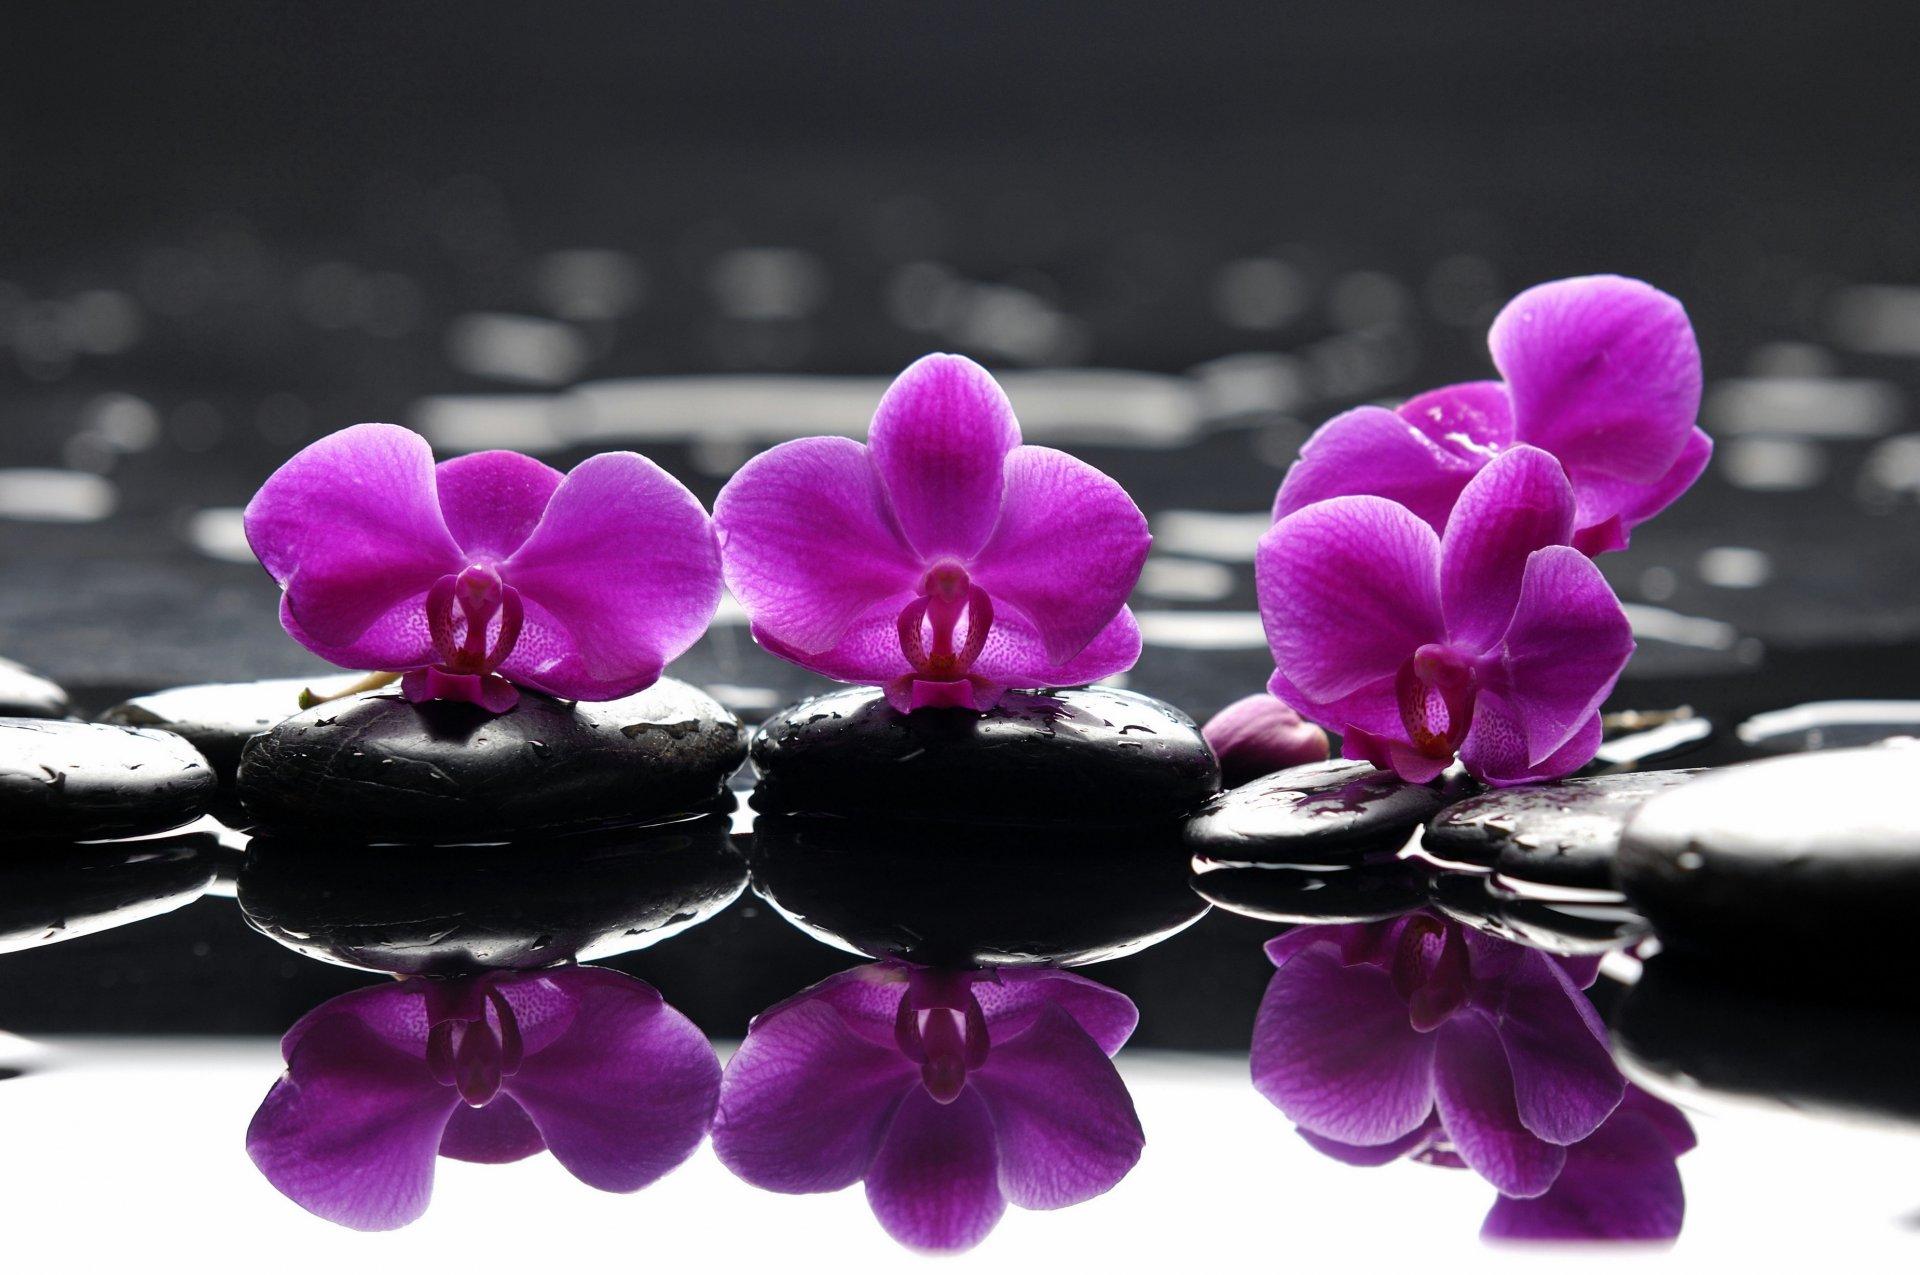 падения картинки высокого разрешения фиолетовые десантники